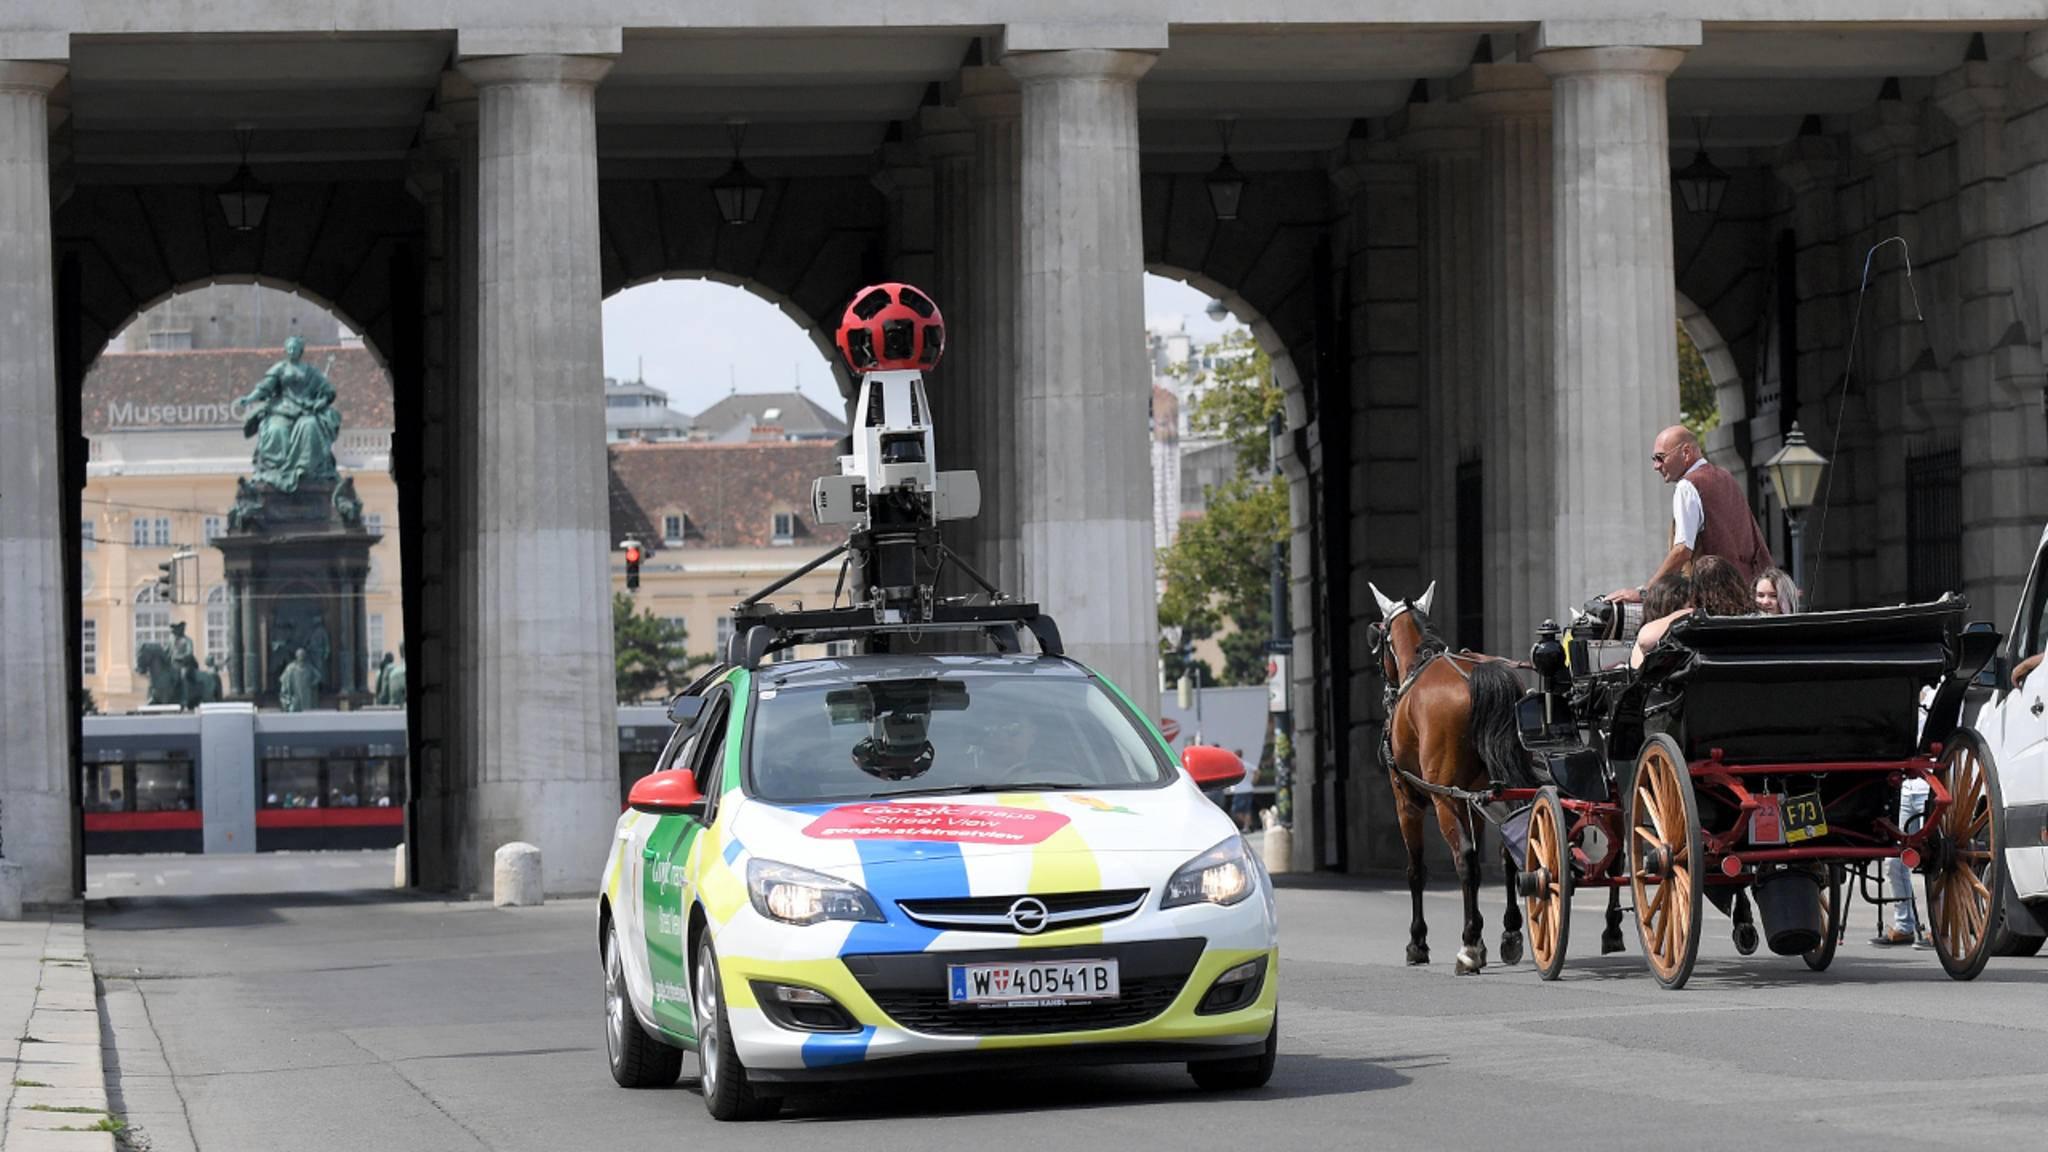 2014 traf ein Google- auf ein Microsoft-Fahrzeug – doch eine Seite wollte das Treffen verheimlichen.